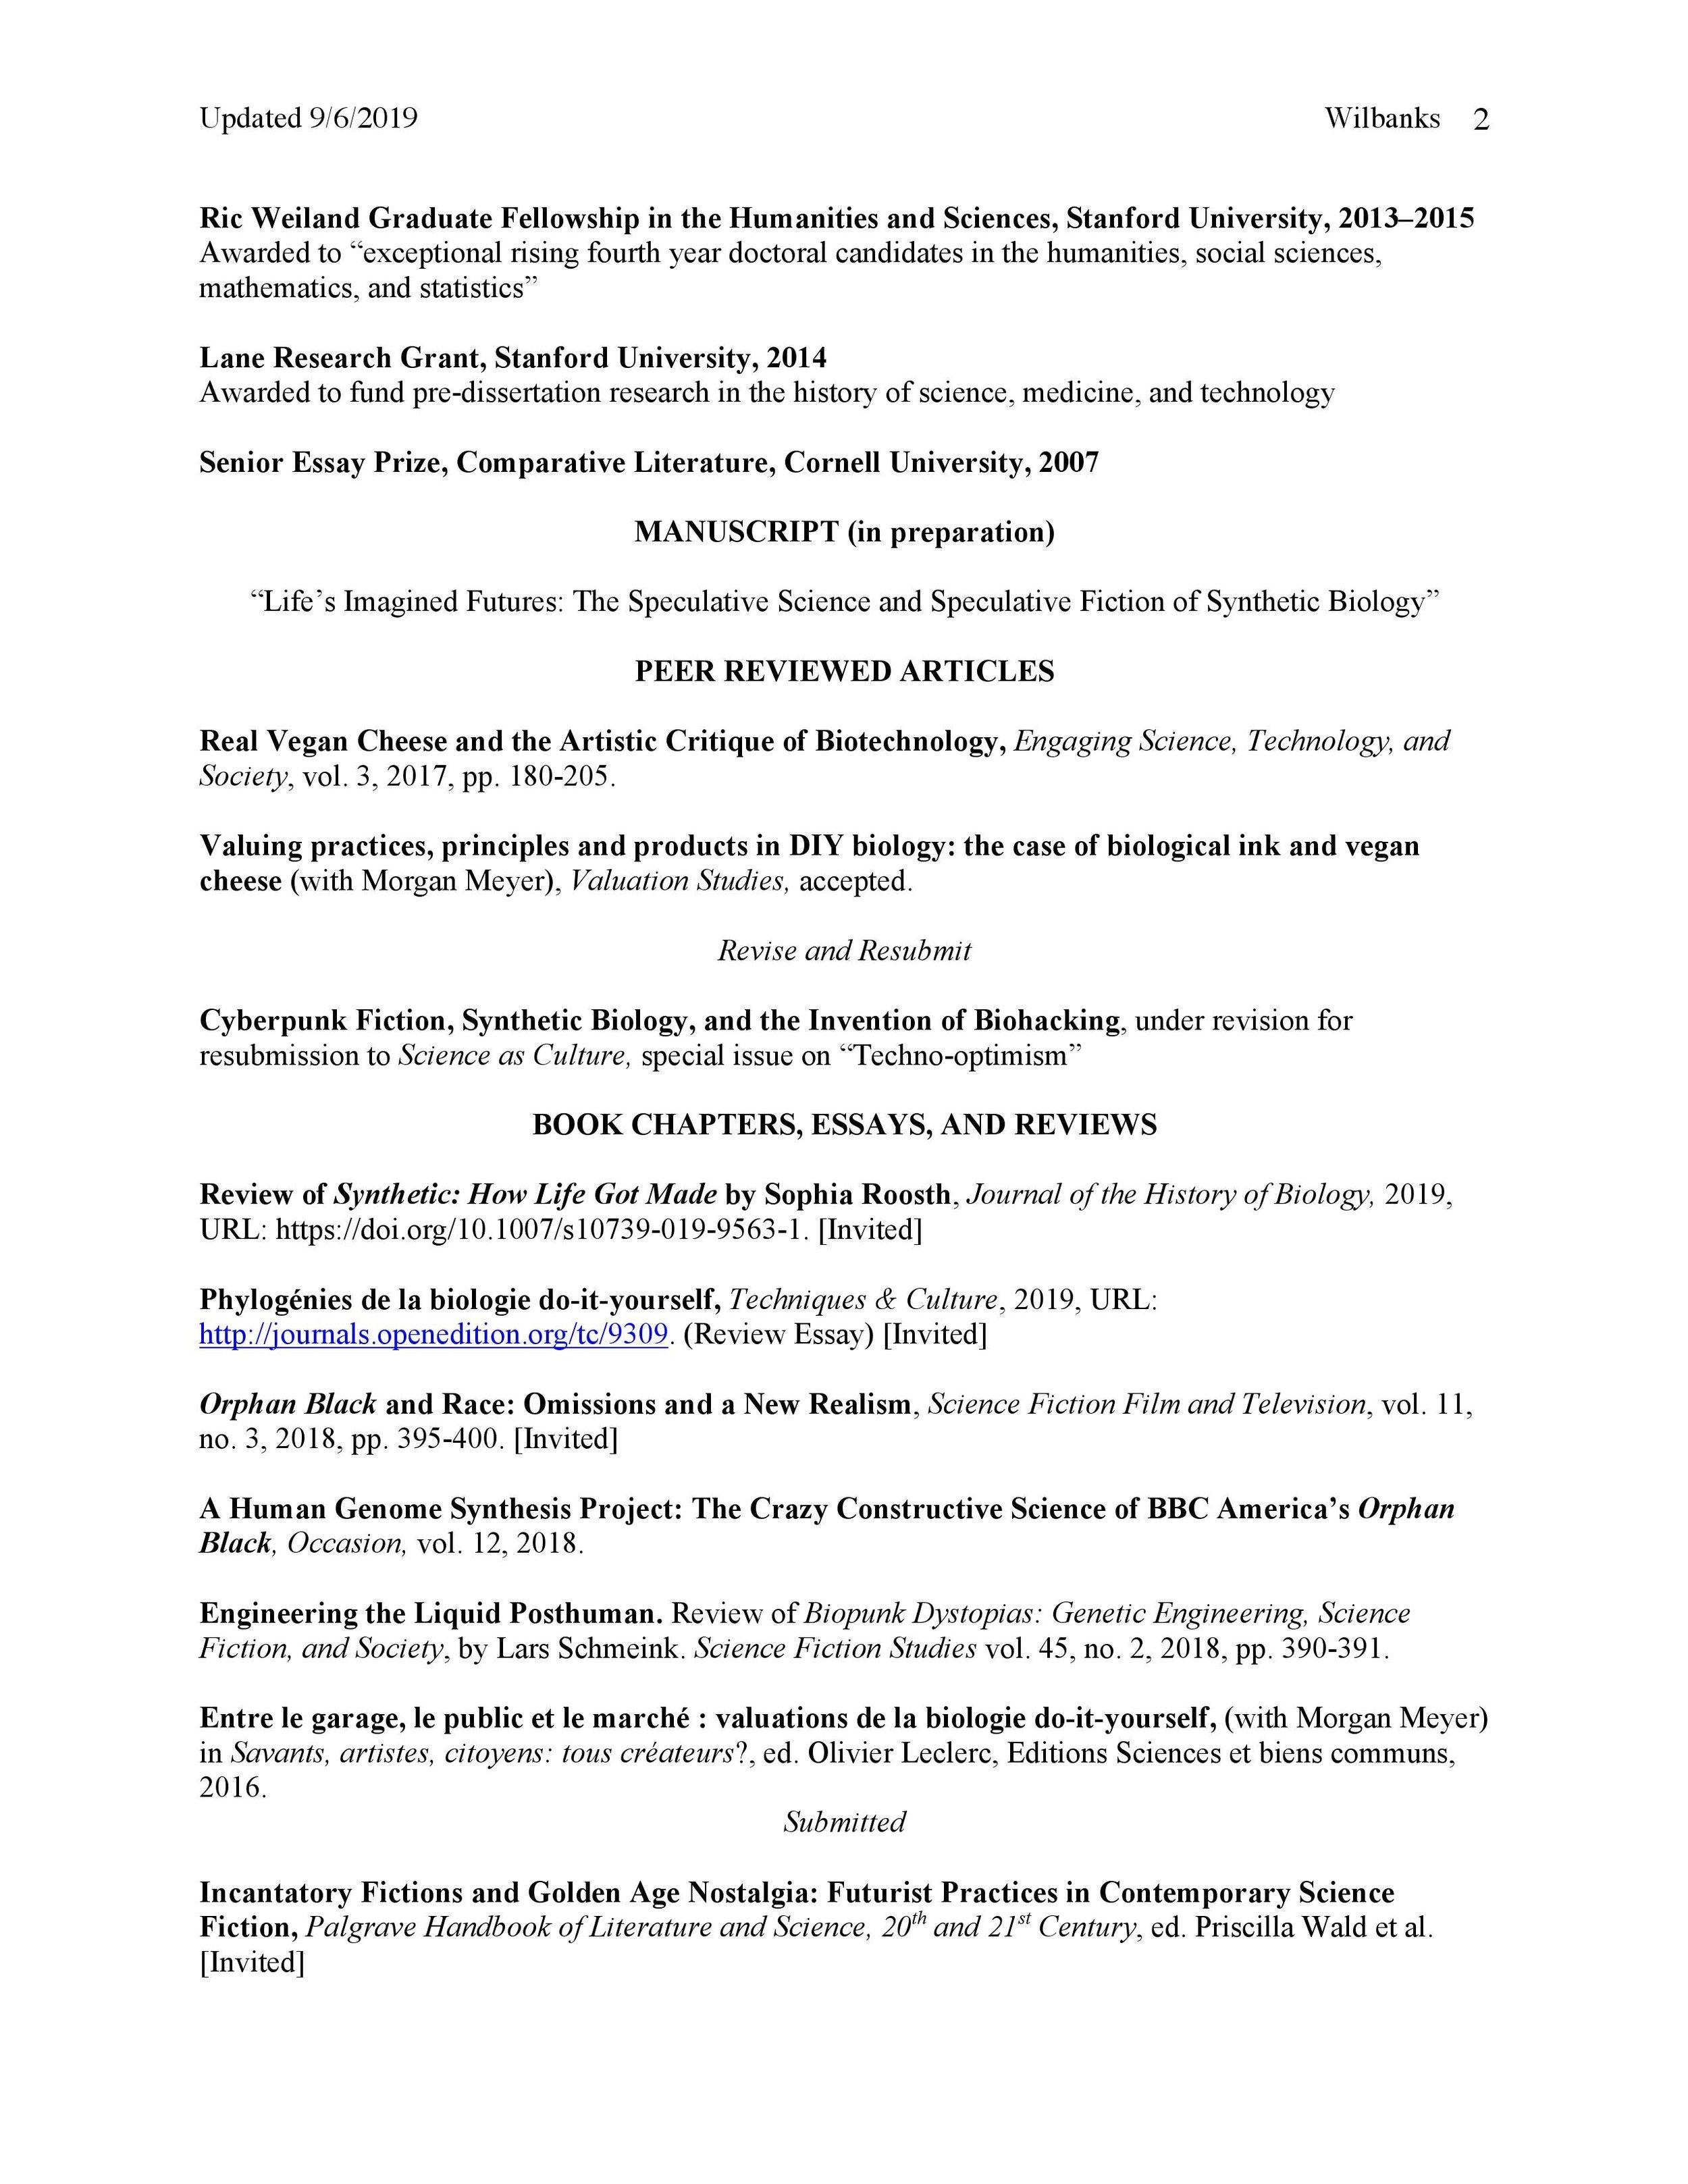 Wilbanks CV 9-6-2019 p2.jpg